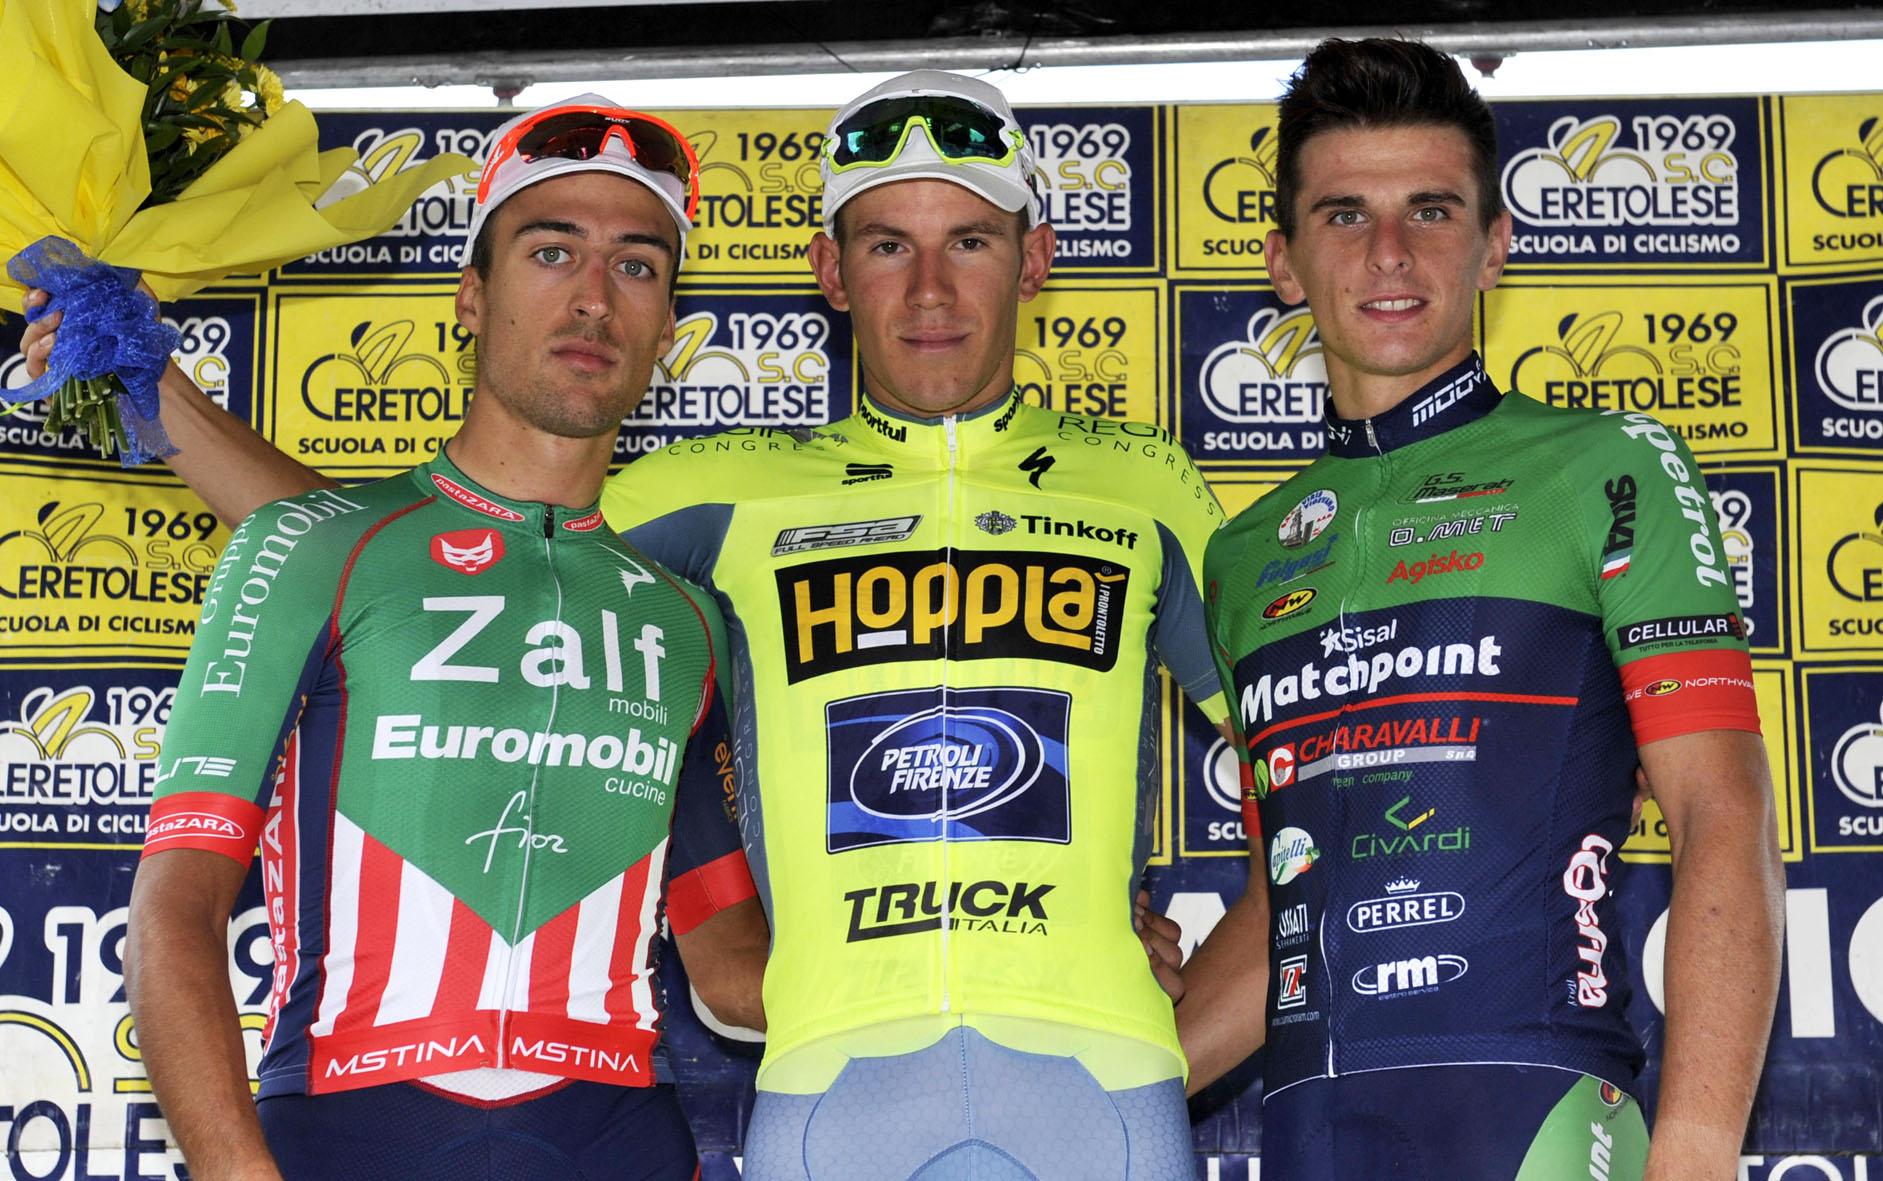 Il podio del Piccolo Giro dell'Emilia 2016